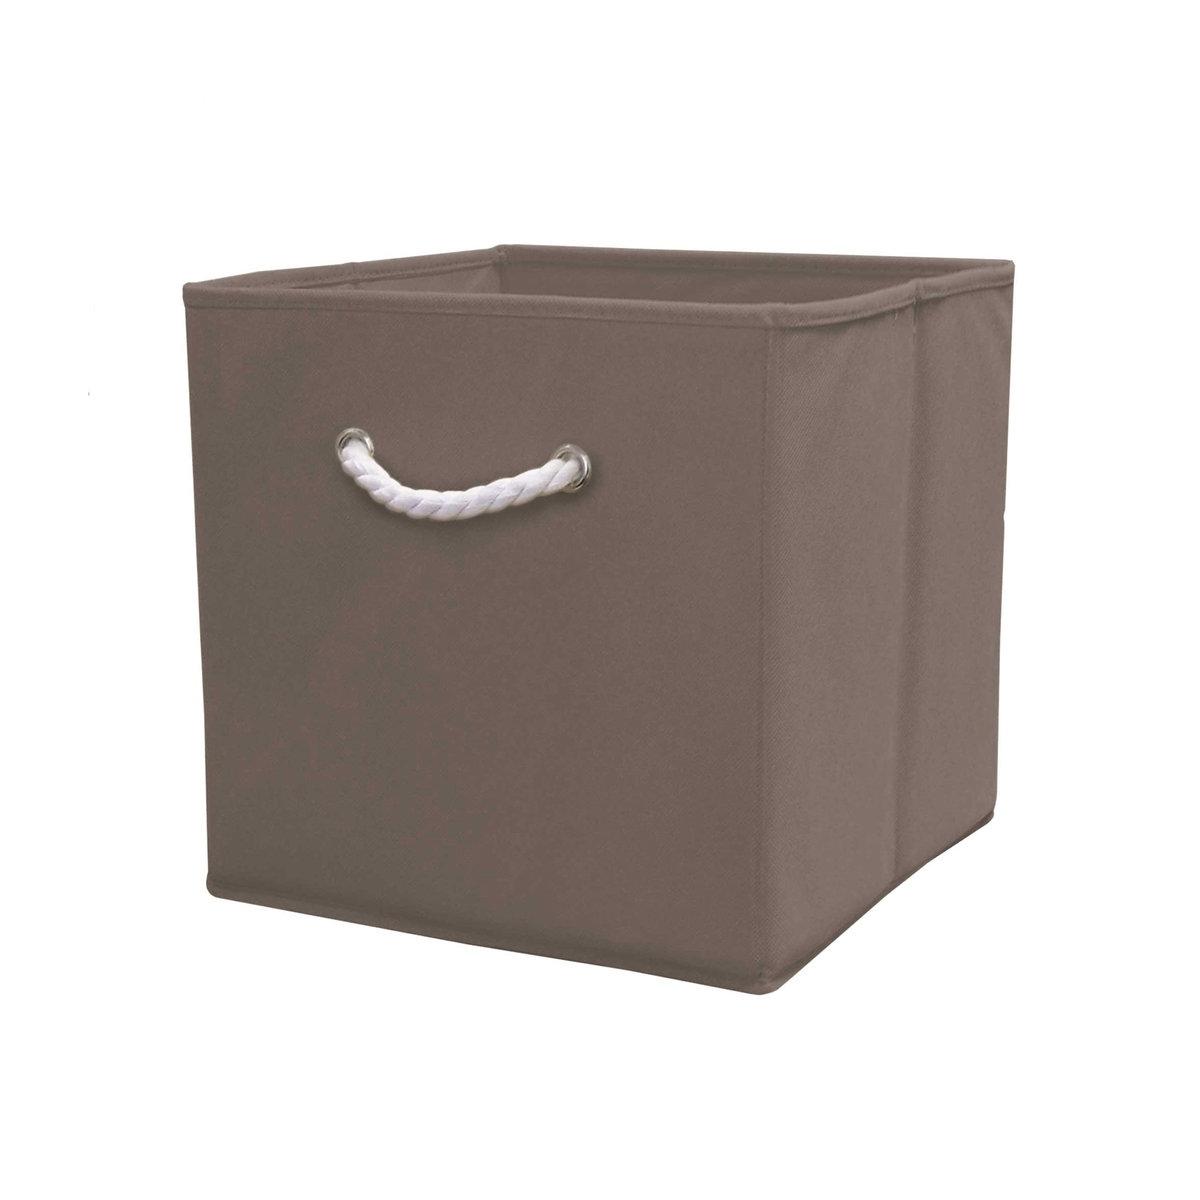 Короб для вещей DeniseЕго квадратная форма позволит вам разместить перчатки, шарфа, канцелярские принадлежности, аксессуары на каждый день, игрушки, журналы, административные архивы… короб для вещей Denise обеспечит идеальное хранение ! Характеристики короба для вещей Denise :каркас из картона (толщ.. 1,8 мм)Покрытие из ткани, 80 гр/м2Описание короба для вещей Denise  :Веревочная ручка из белого хлопка спереди Складная конструкция.Найдите коллекцию Denise нашем сайте .Размеры короба для вещей Denise :31,5 x 31,5 x 31,5 см .<br><br>Цвет: бирюзовый,зеленый анис,розовый,серо-коричневый каштан,черный<br>Размер: единый размер